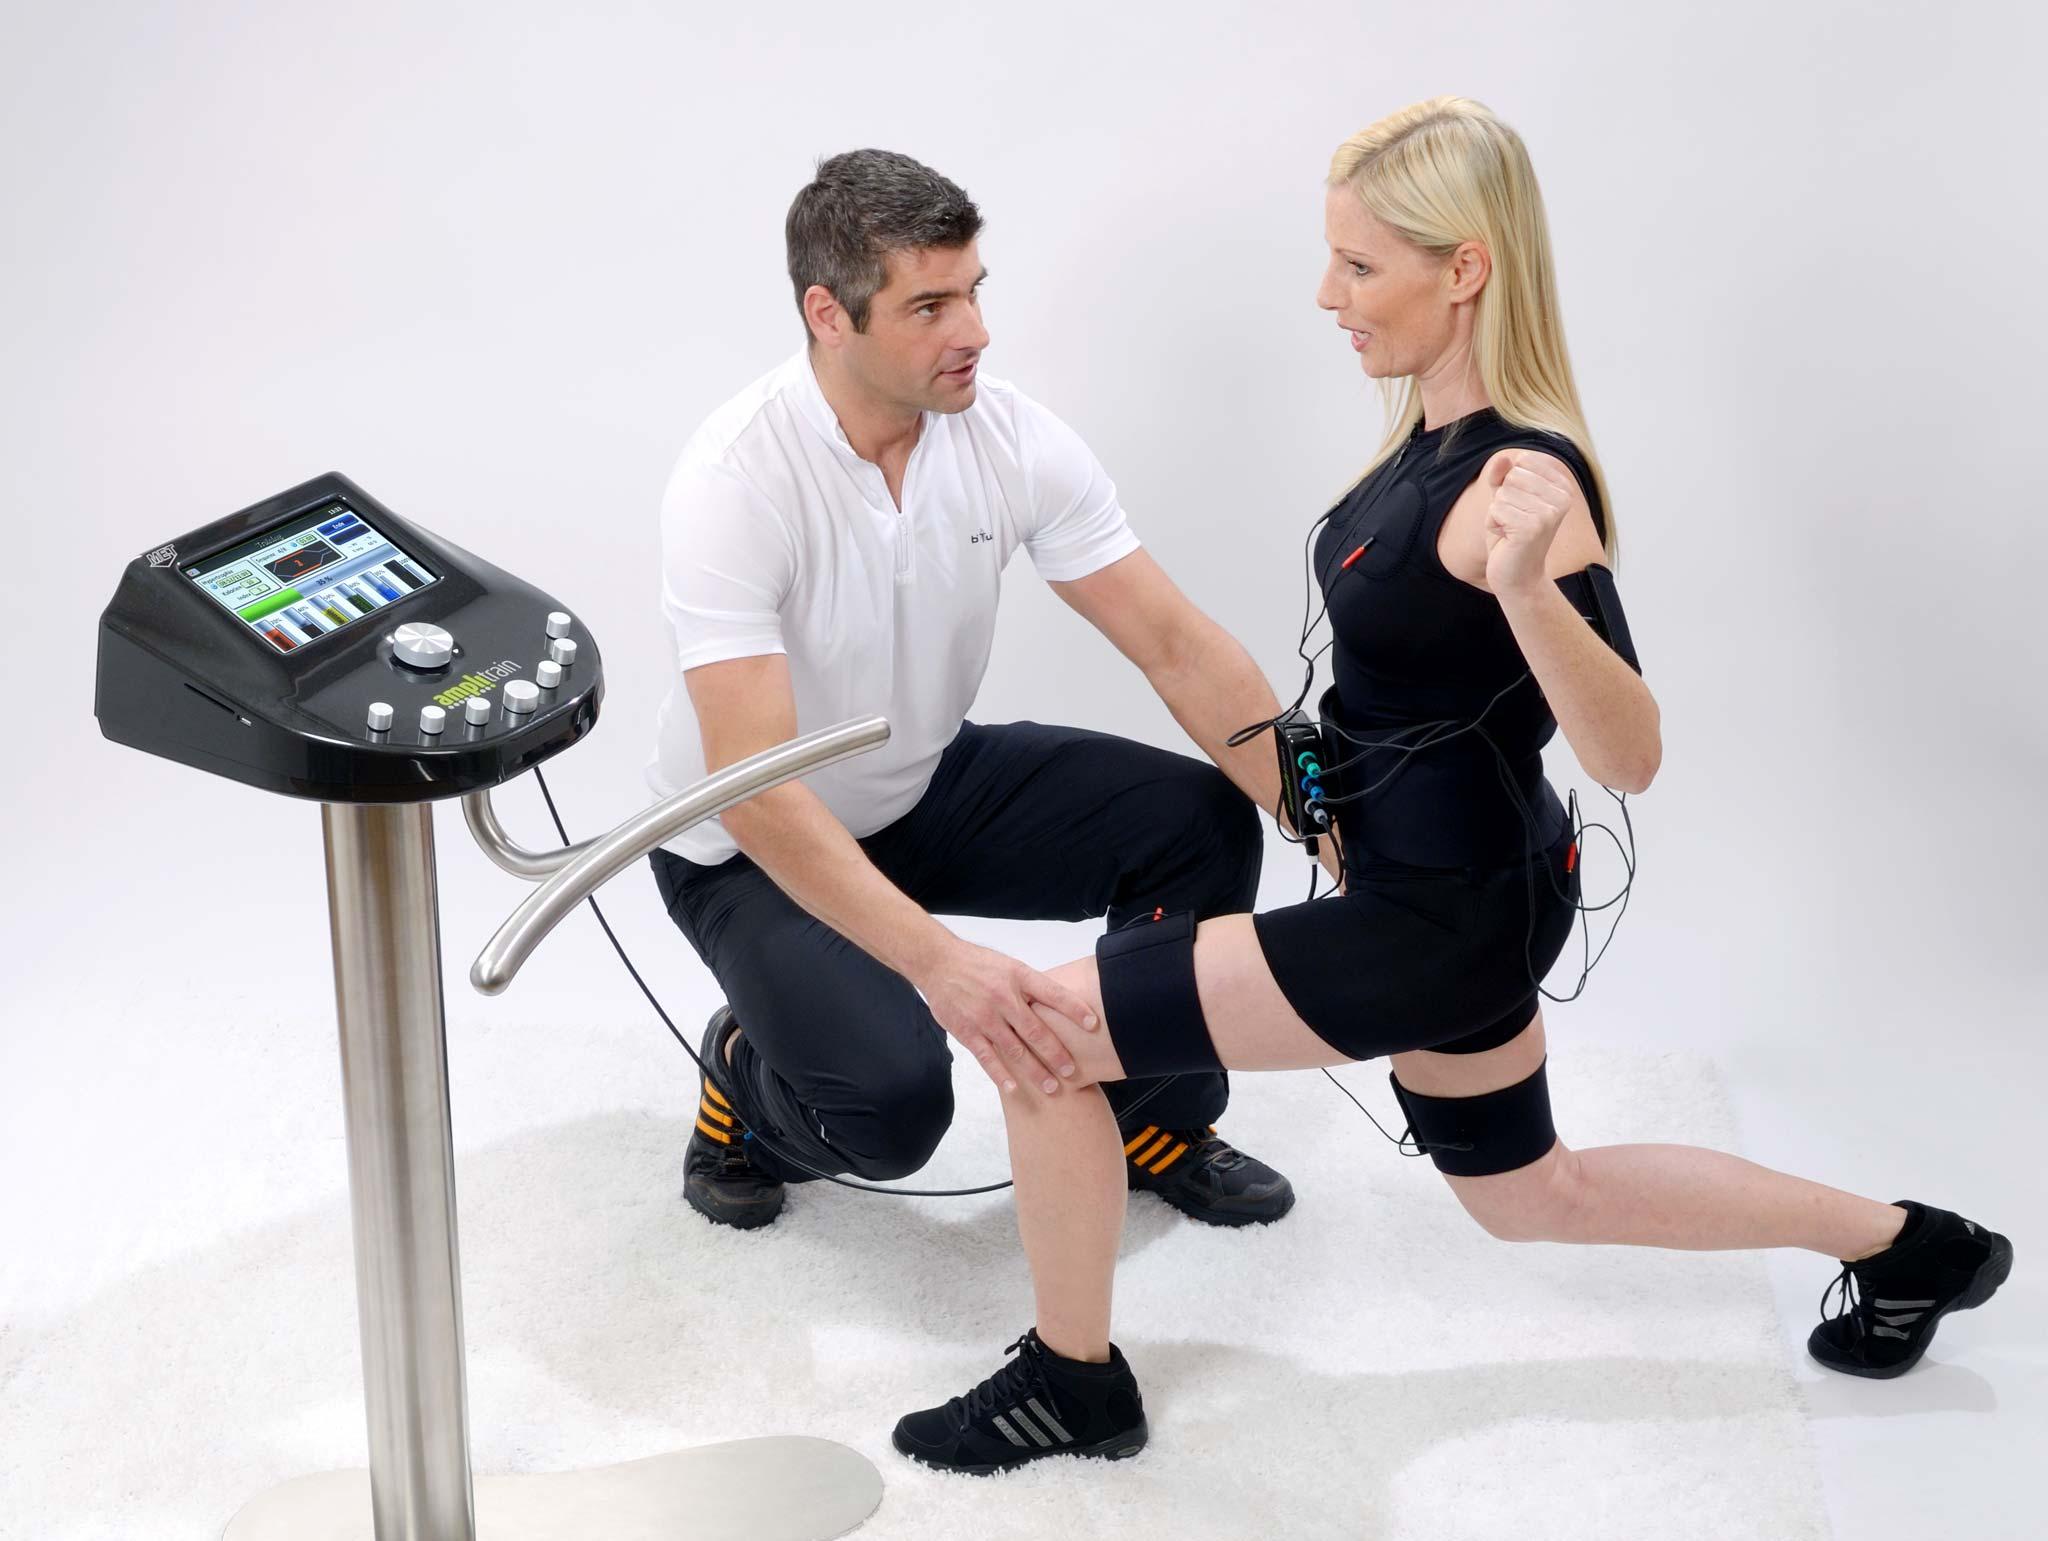 Muskelaufbau, Körperstraffung, Körperformung